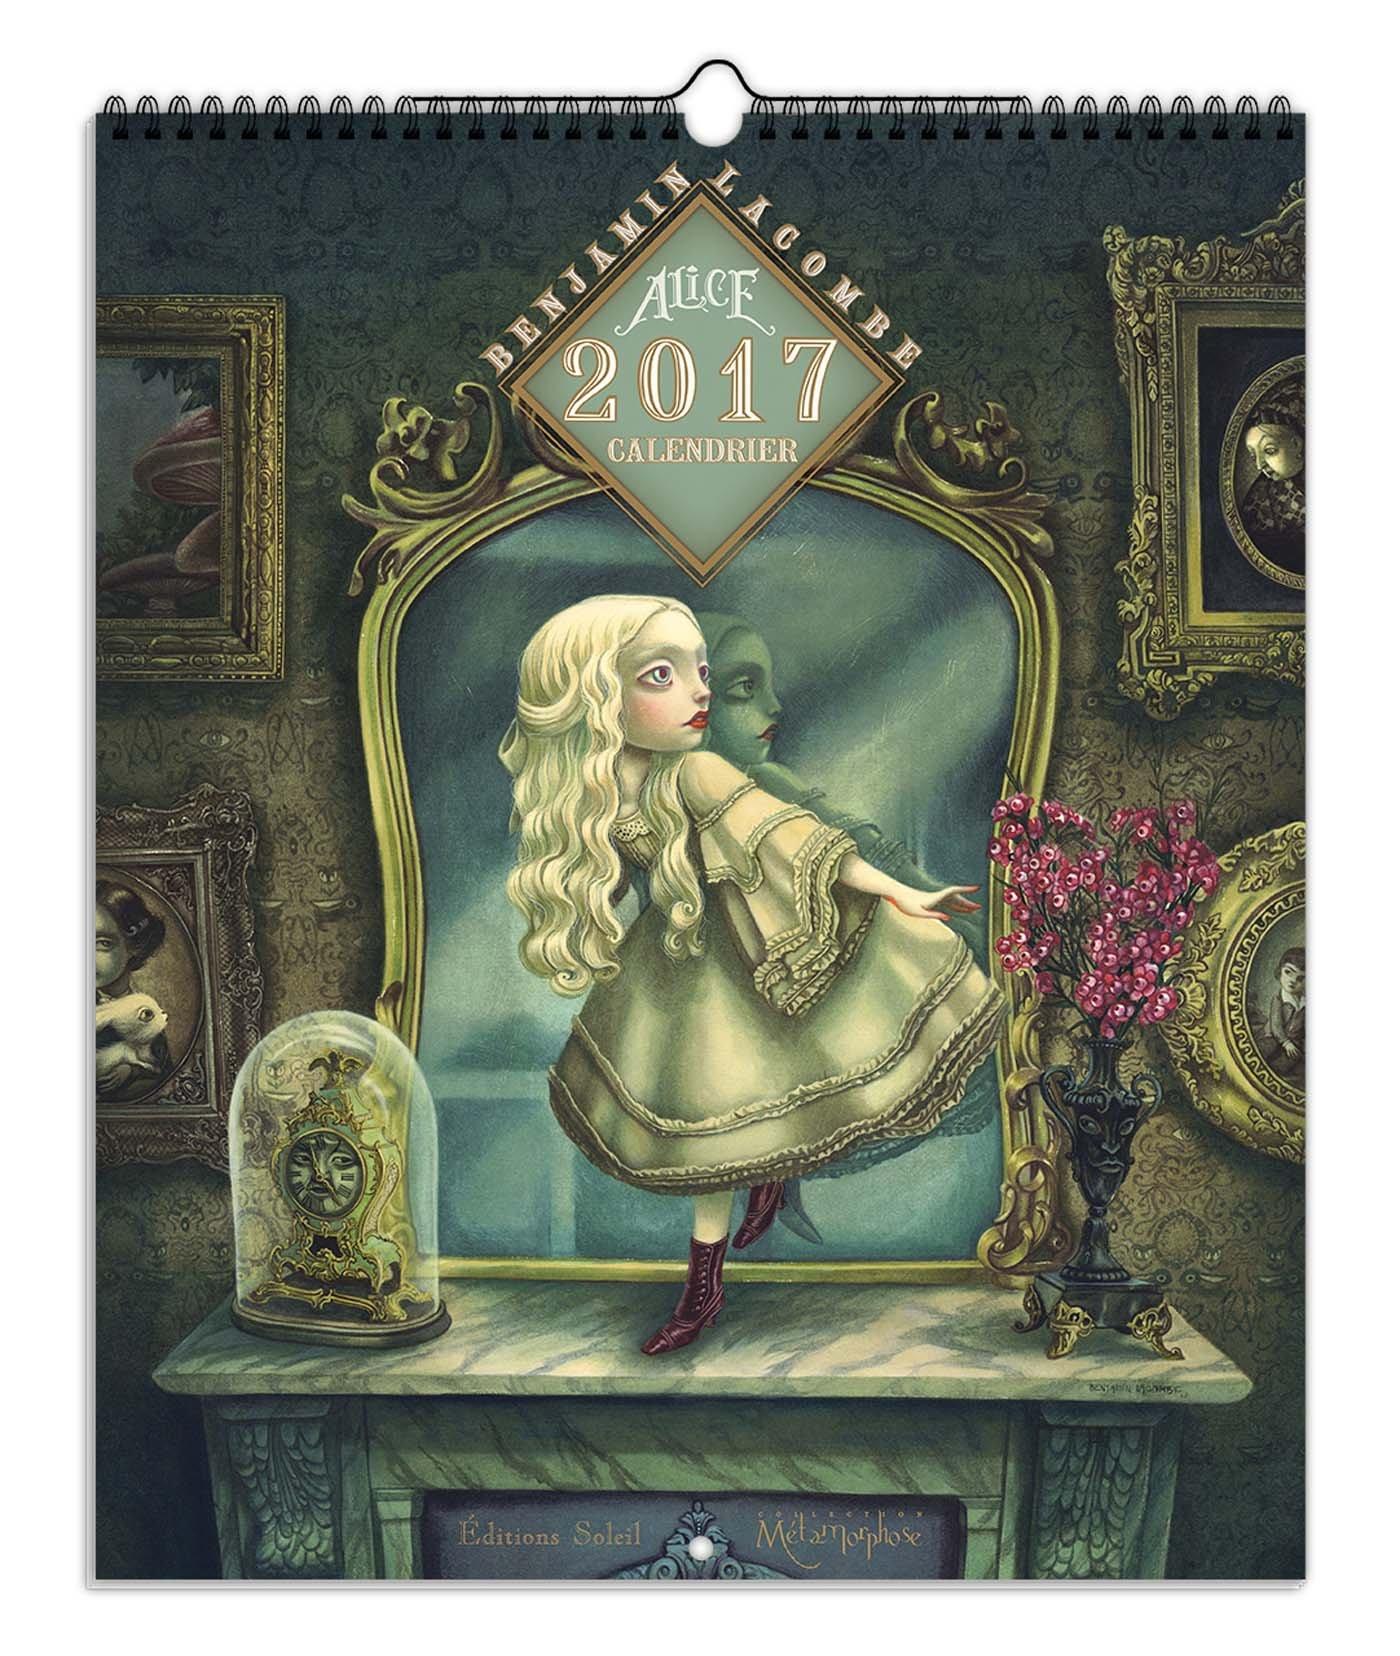 Alice de lautre côté du miroir Calendrier 2017 SOL ...